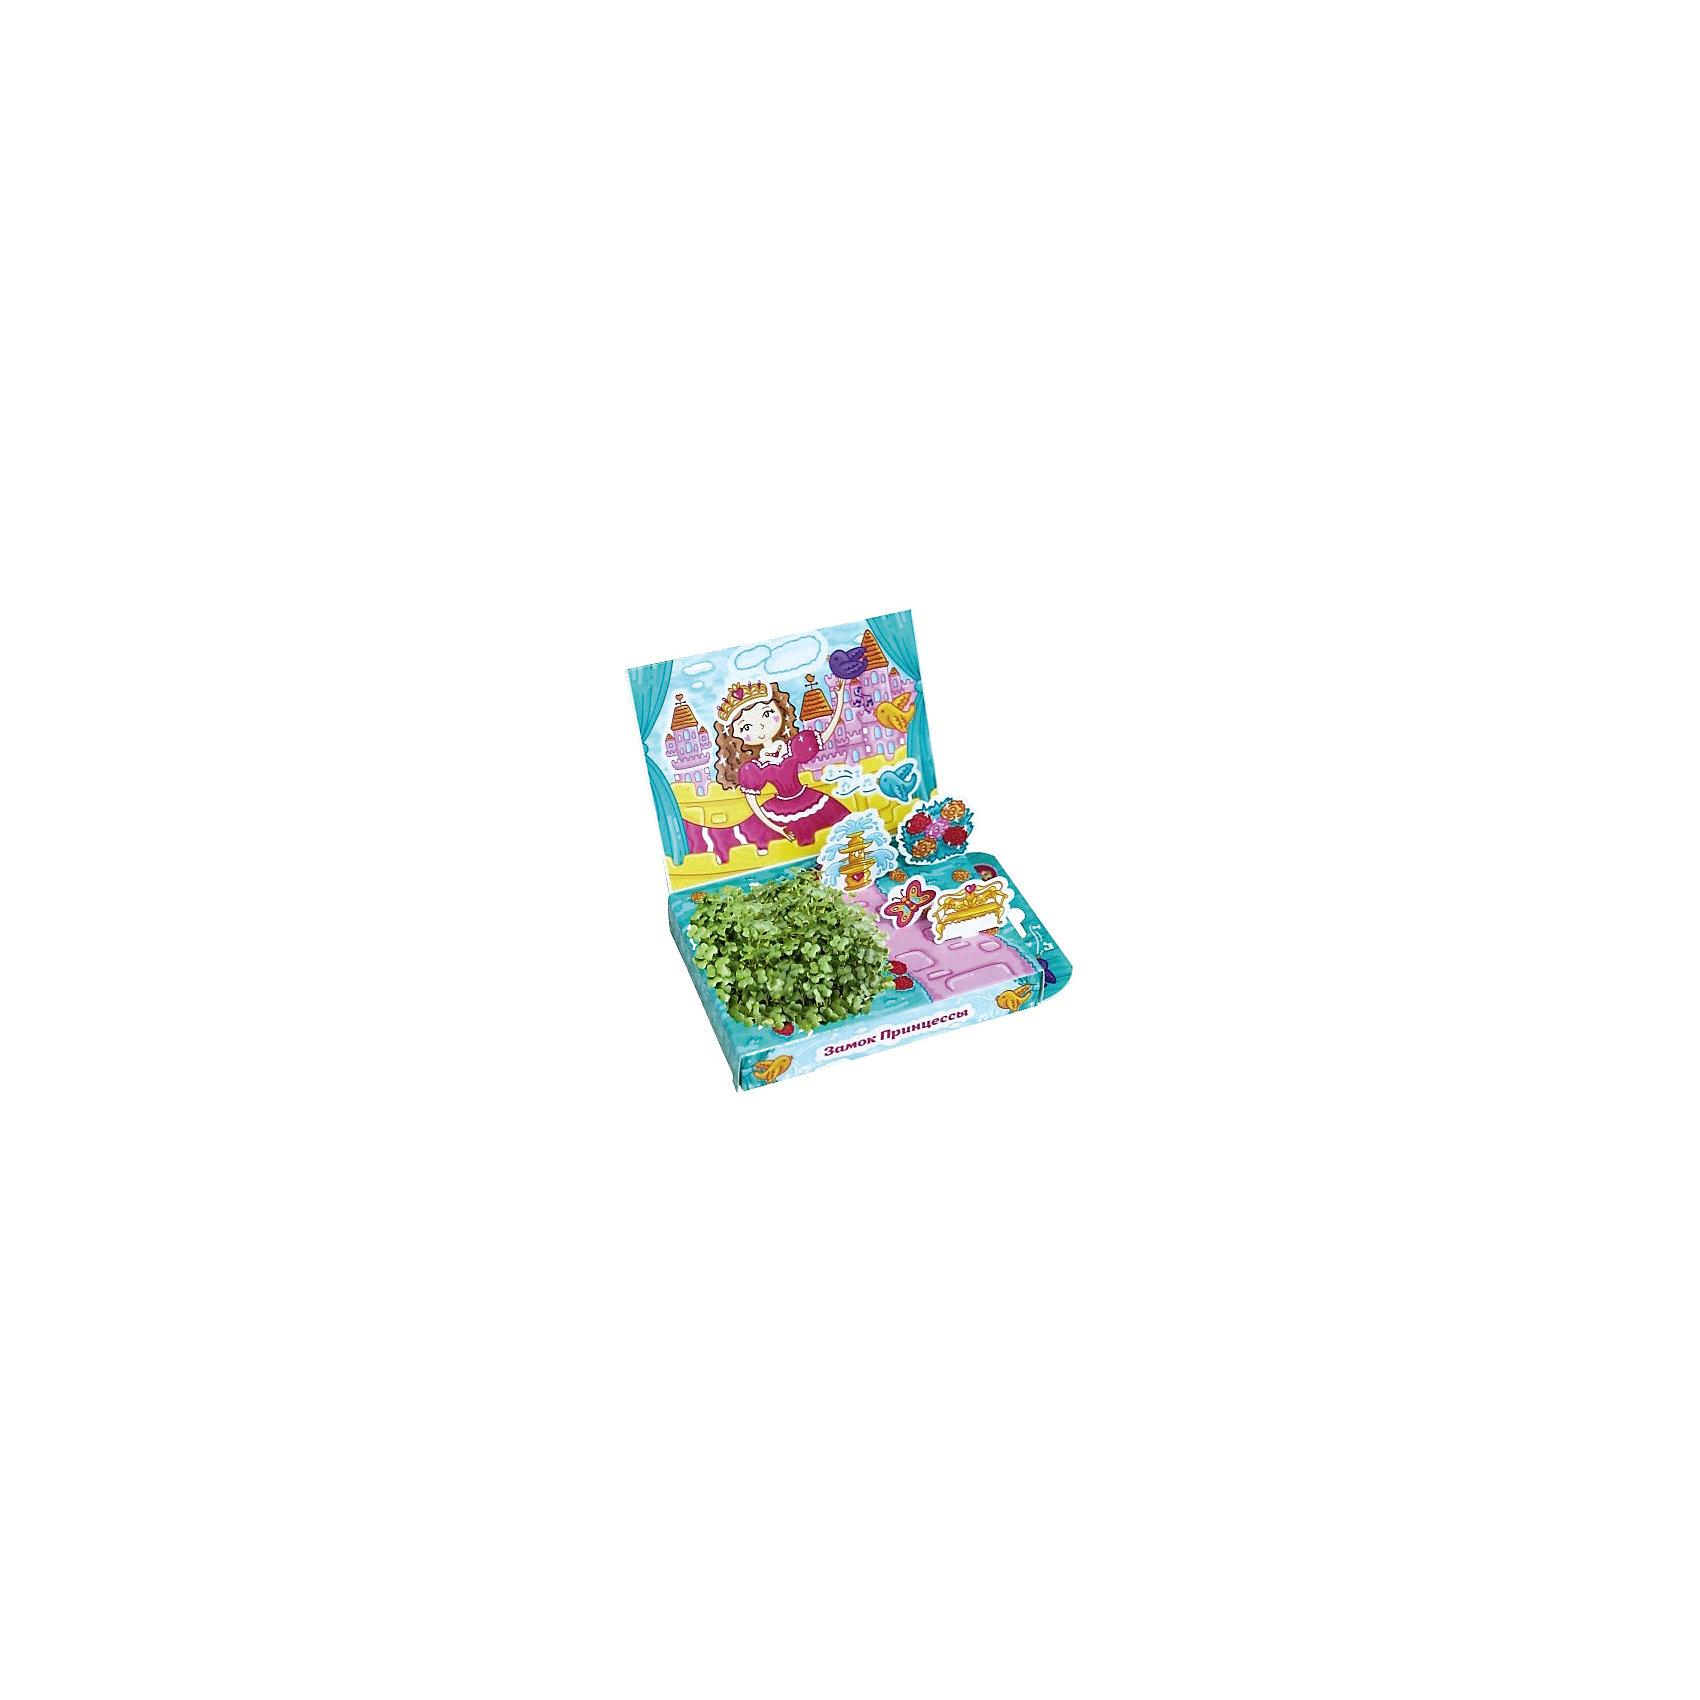 Набор для выращивания Живая открытка - Замок принцессы Happy PlantПодарочный набор Живая открытка Замок принцессы, Happy Plant.<br><br>Характеристики:<br><br>• ребенок сможет самостоятельно украсить пейзаж травкой<br>• прост в использовании<br>• безопасен для ребенка<br>• яркий дизайн <br>• развивает внимательность и усидчивость<br>• в комплекте: открытка, 3 фигурки, емкость для растений, наклейки, агроткань, семена, инструкция<br>• размер упаковки: 13х8х2,5 см<br>• вес: 30 грамм<br>• материалы: бумага, картон, агроткань, семена<br><br>Набор Живая открытка Замок принцессы идеально подойдет любителям экспериментов и живой природы. С его помощью ребенок сможет украсить открытку настоящими растениями. Процесс преображения очень прост. Нужно намочить агроткань, посадить семена и полить их. Поставьте открытку в теплое светлое место, и через несколько дней на ней вырастет настоящая травка. Это набор станет прекрасным подарком любознательным экспериментаторам!<br><br>Подарочный набор Живая открытка Замок принцессы, Happy Plant вы можете купить в нашем интернет-магазине.<br><br>Ширина мм: 175<br>Глубина мм: 115<br>Высота мм: 25<br>Вес г: 30<br>Возраст от месяцев: 168<br>Возраст до месяцев: 240<br>Пол: Женский<br>Возраст: Детский<br>SKU: 5053958